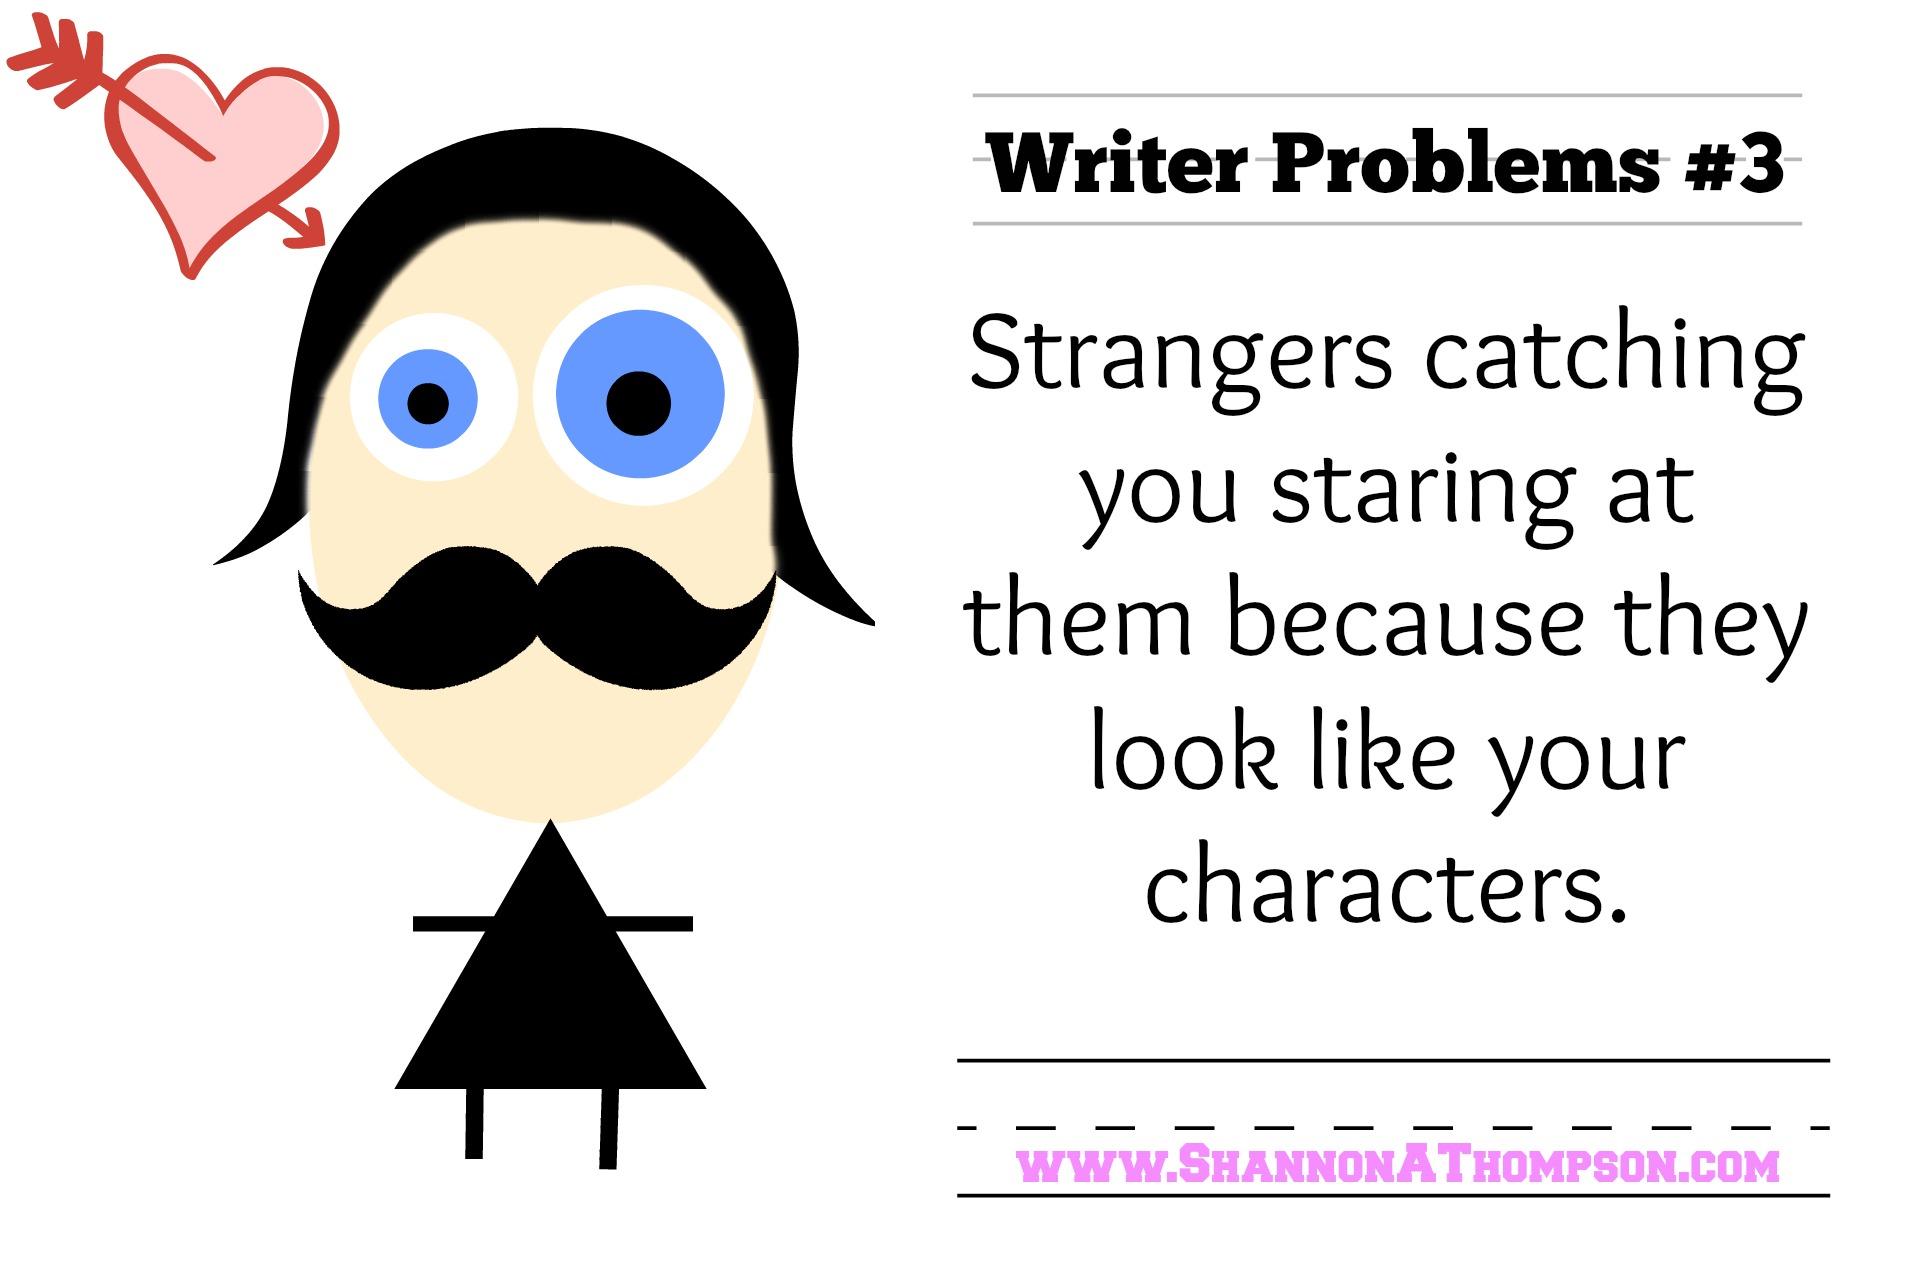 I need help with writing! I write awkwardly!?